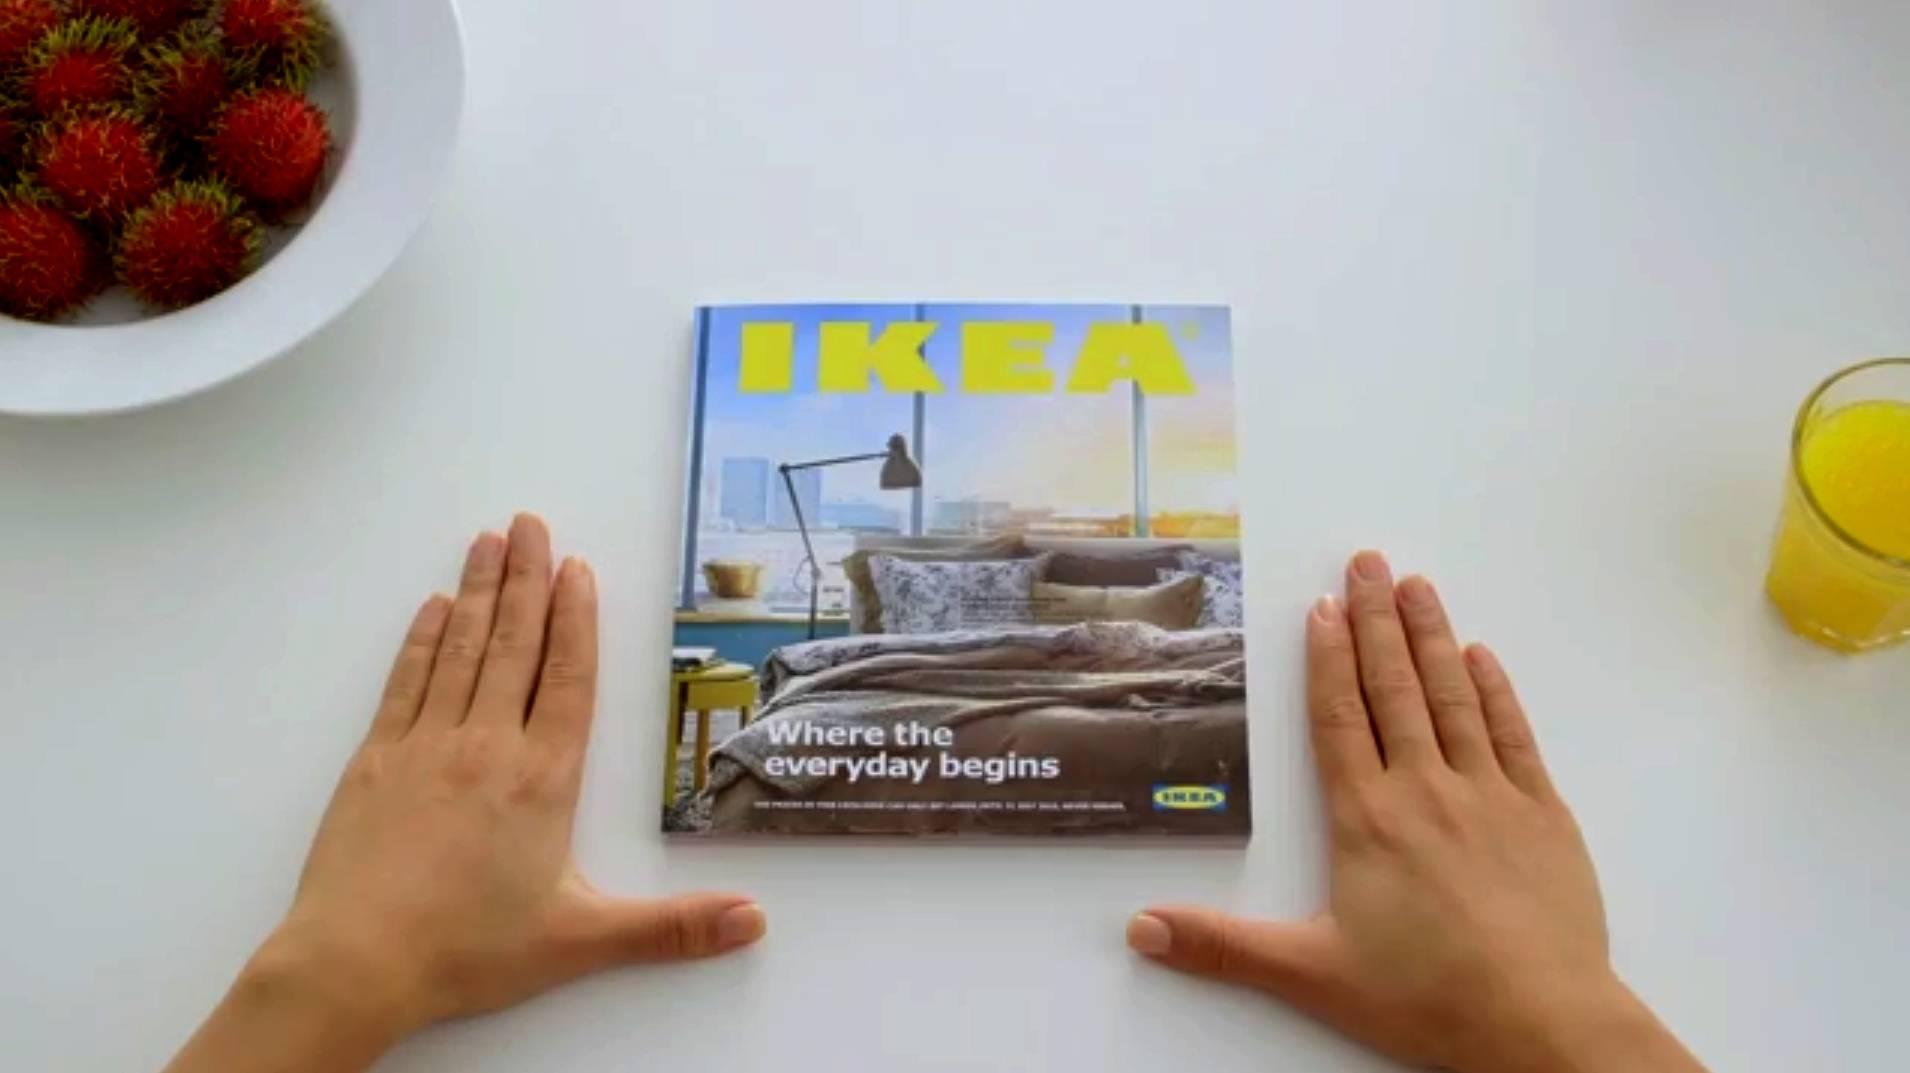 Papierle Ikea ikea se moque d apple en vidéo et remise l dans la billy archimag